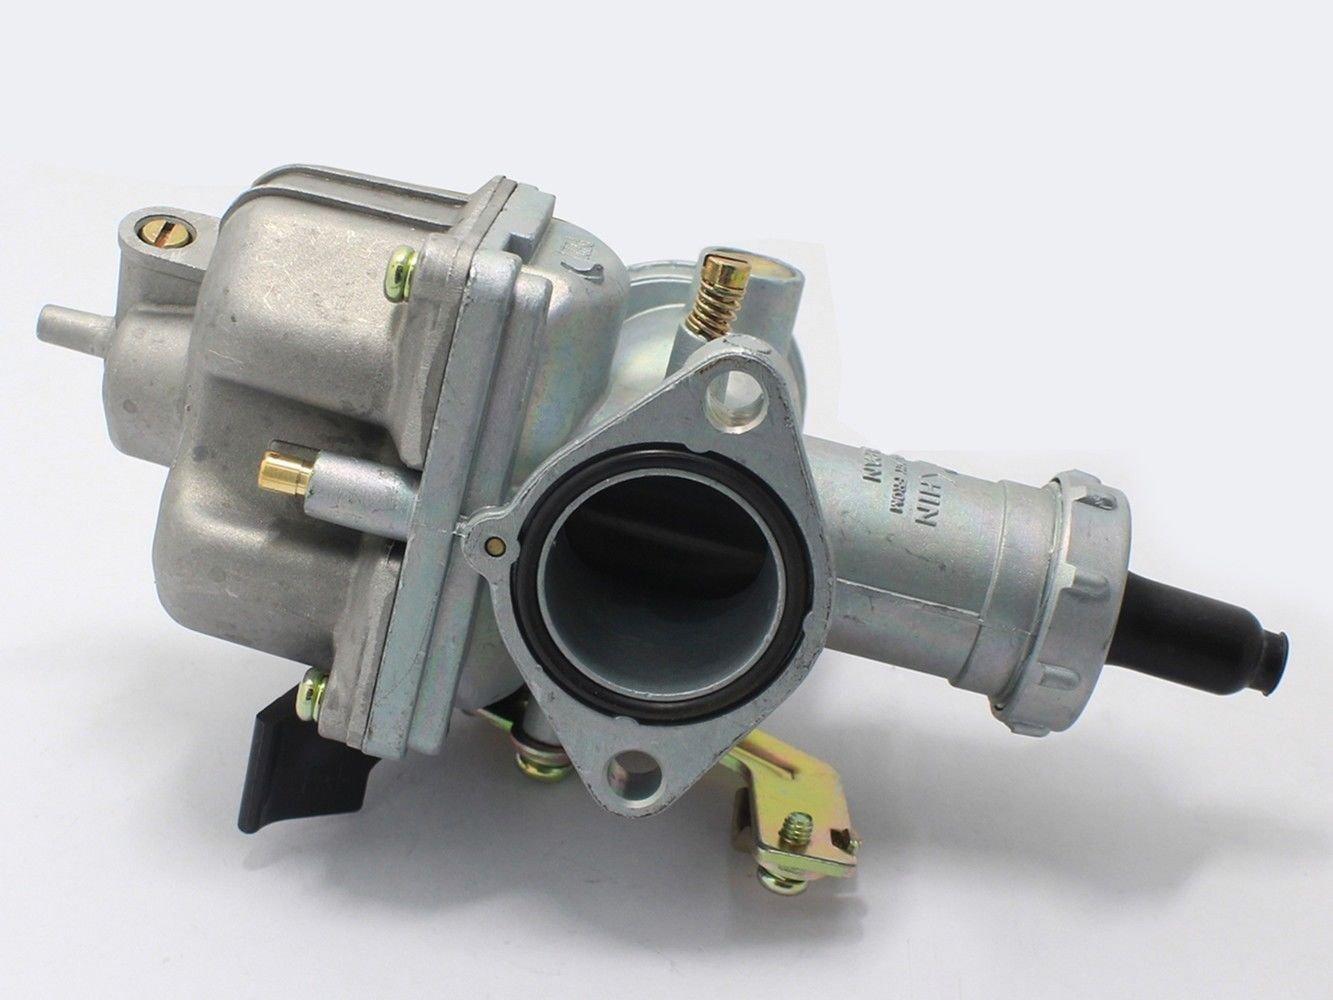 Auto-Moto Carburetor W//Air Filter for Honda ATV Big Red ATC200E ATC200ES ATC200M TRX250X TRX250EX Carb